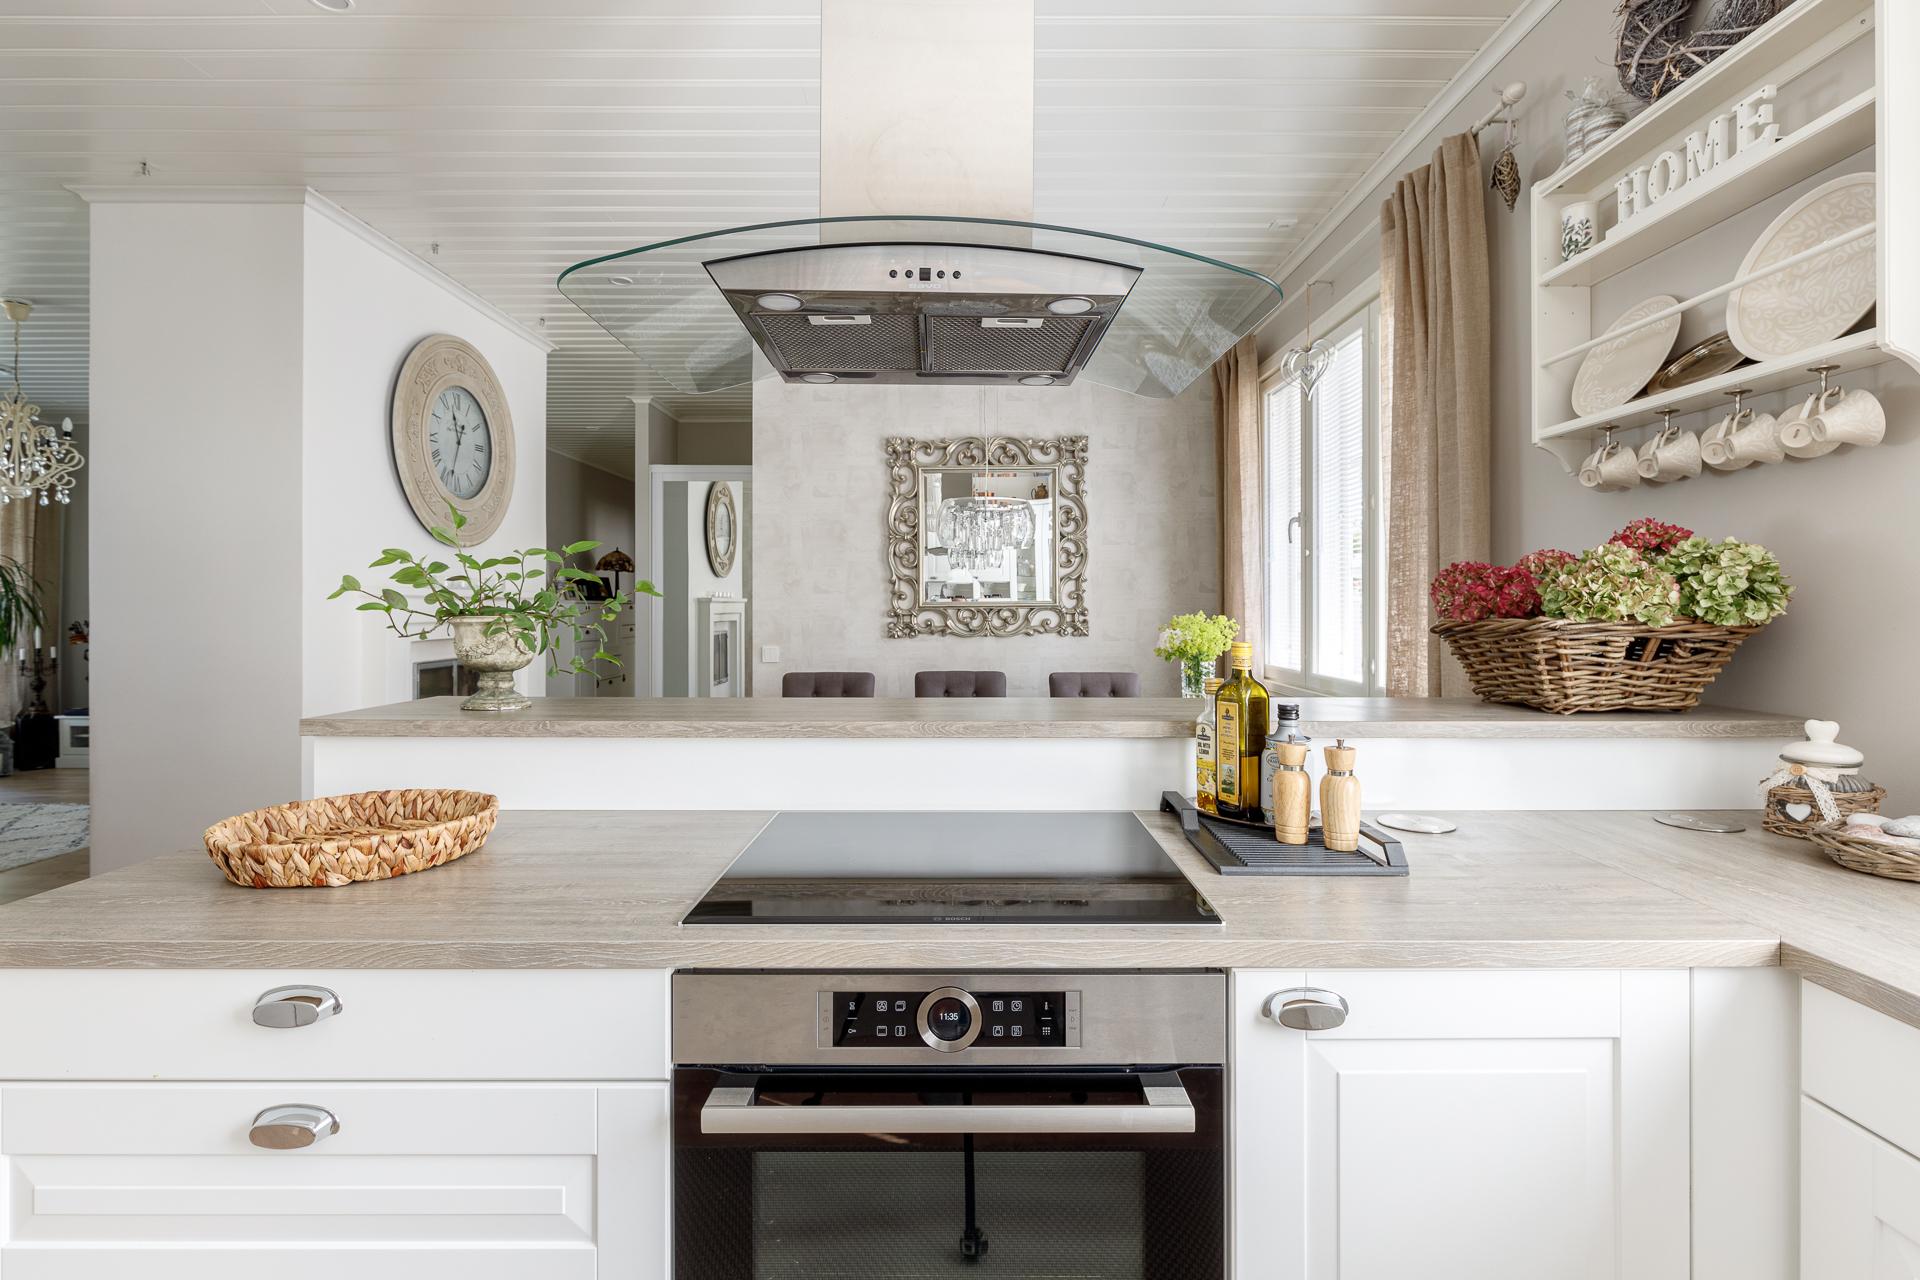 Asuntokuvaus luksus keittiö